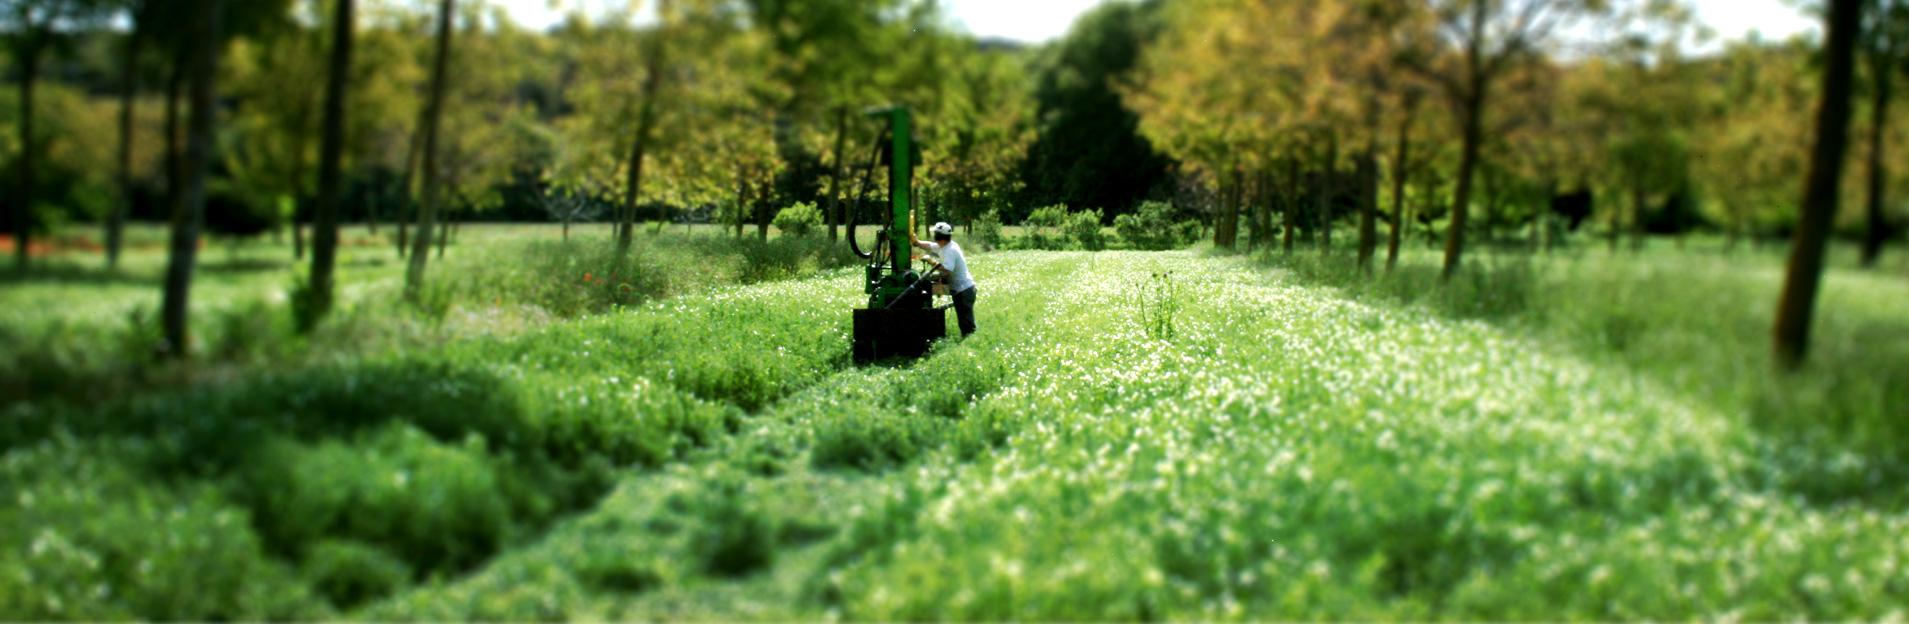 Agripsol, agroforesterie pour la protection des sols